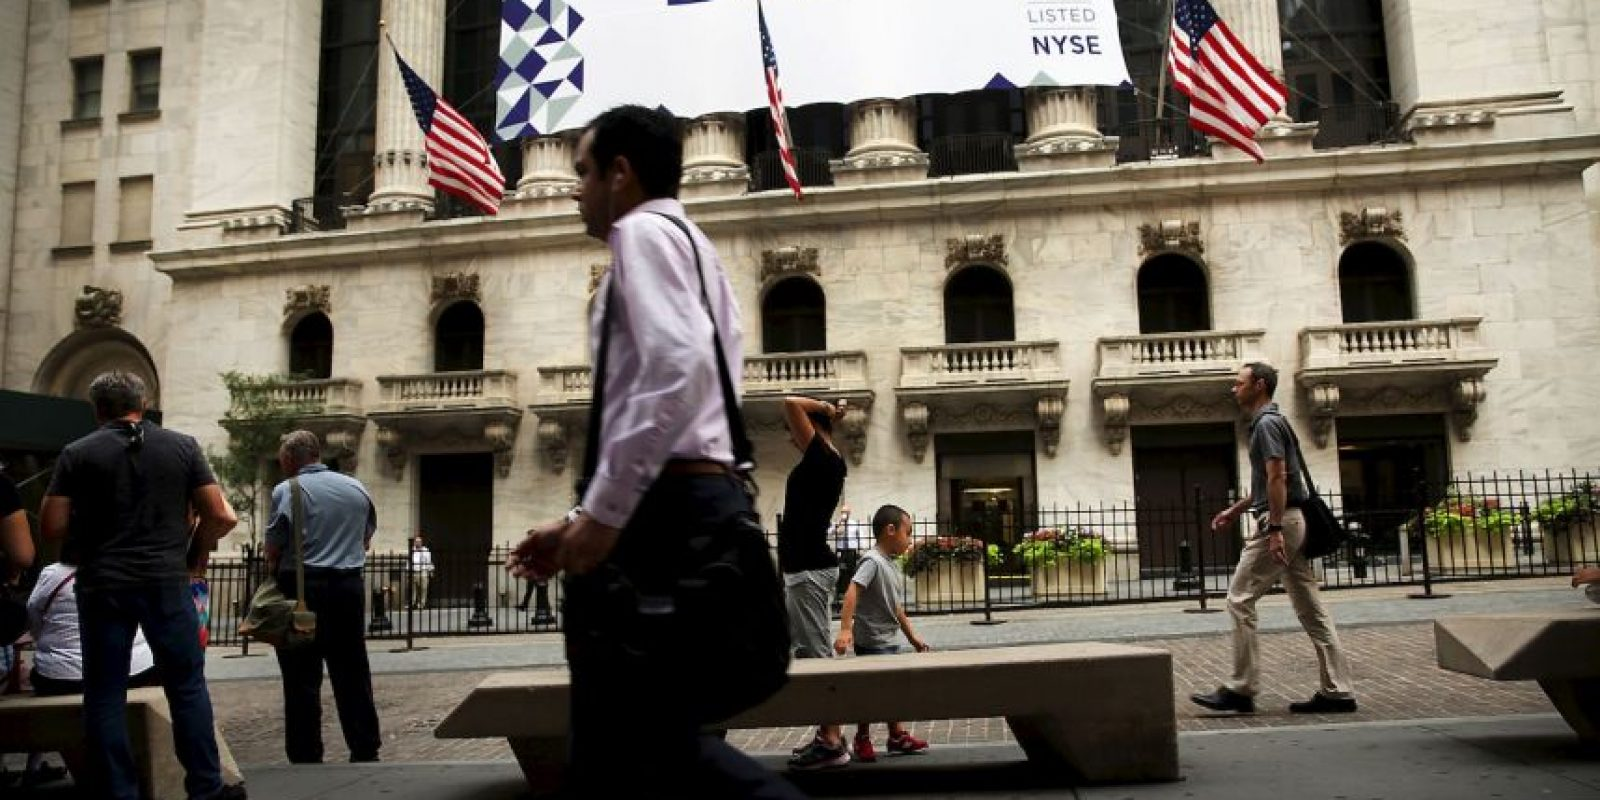 Además de esta situación, existe incertidumbre sobre si la FED (Reserva Federal de Estados Unidos) aumentará las tasas de interés. Foto:AFP